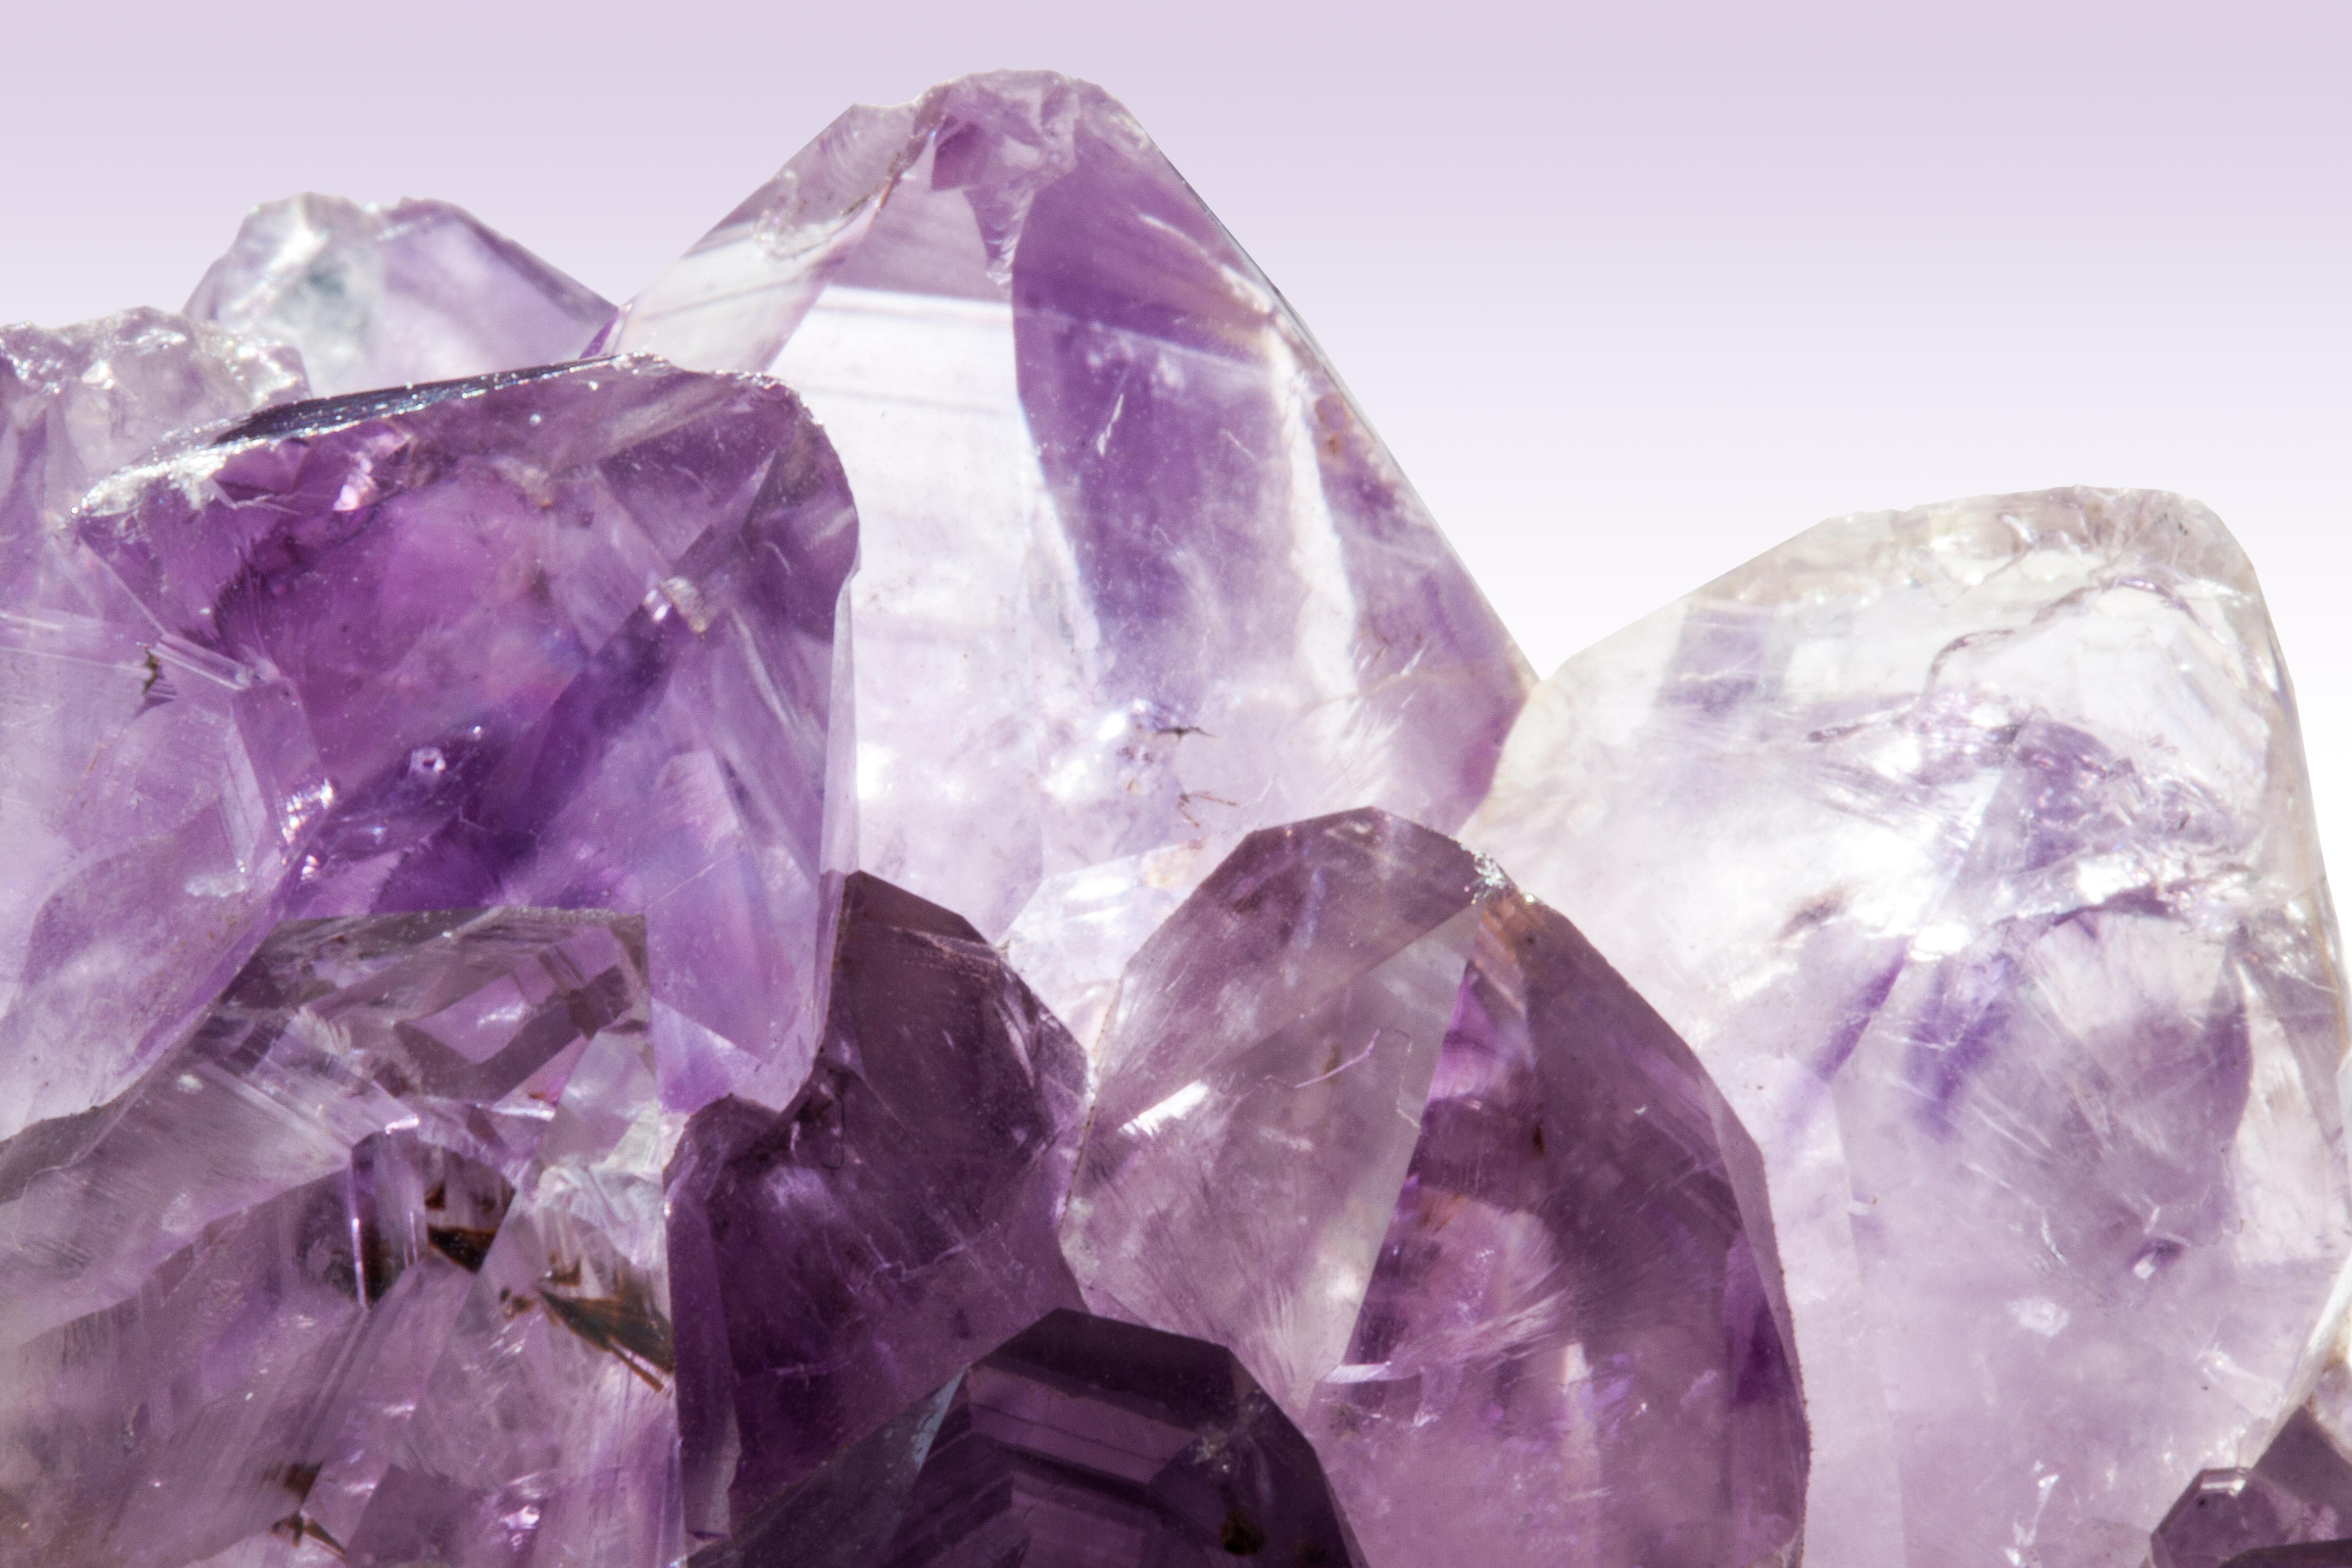 Bien-aimé Images Gratuites : violet, pétale, pierre, Macro, rose  JR66